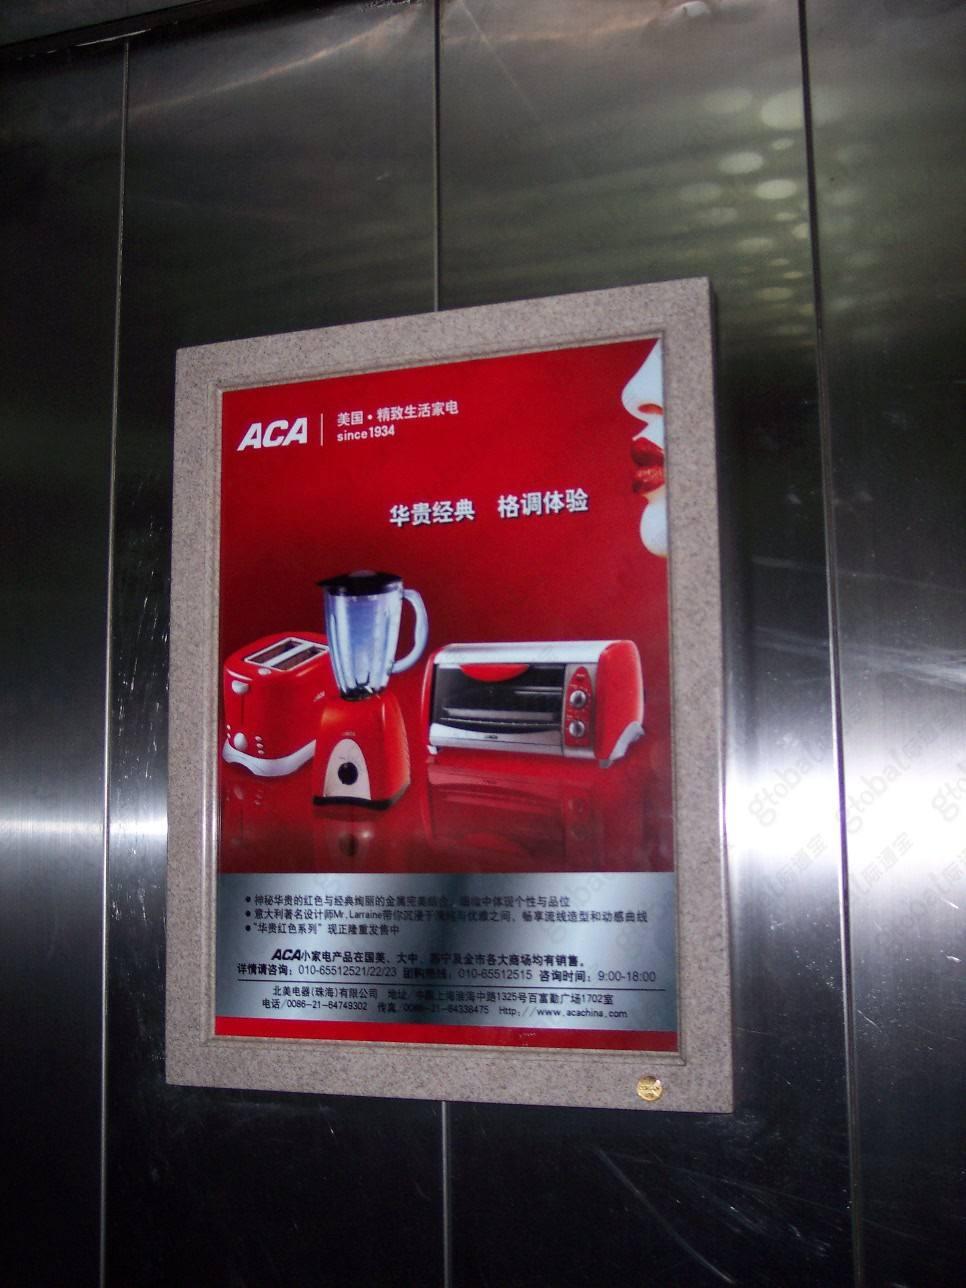 佛山高端小区电梯广告-分众资源低至2折